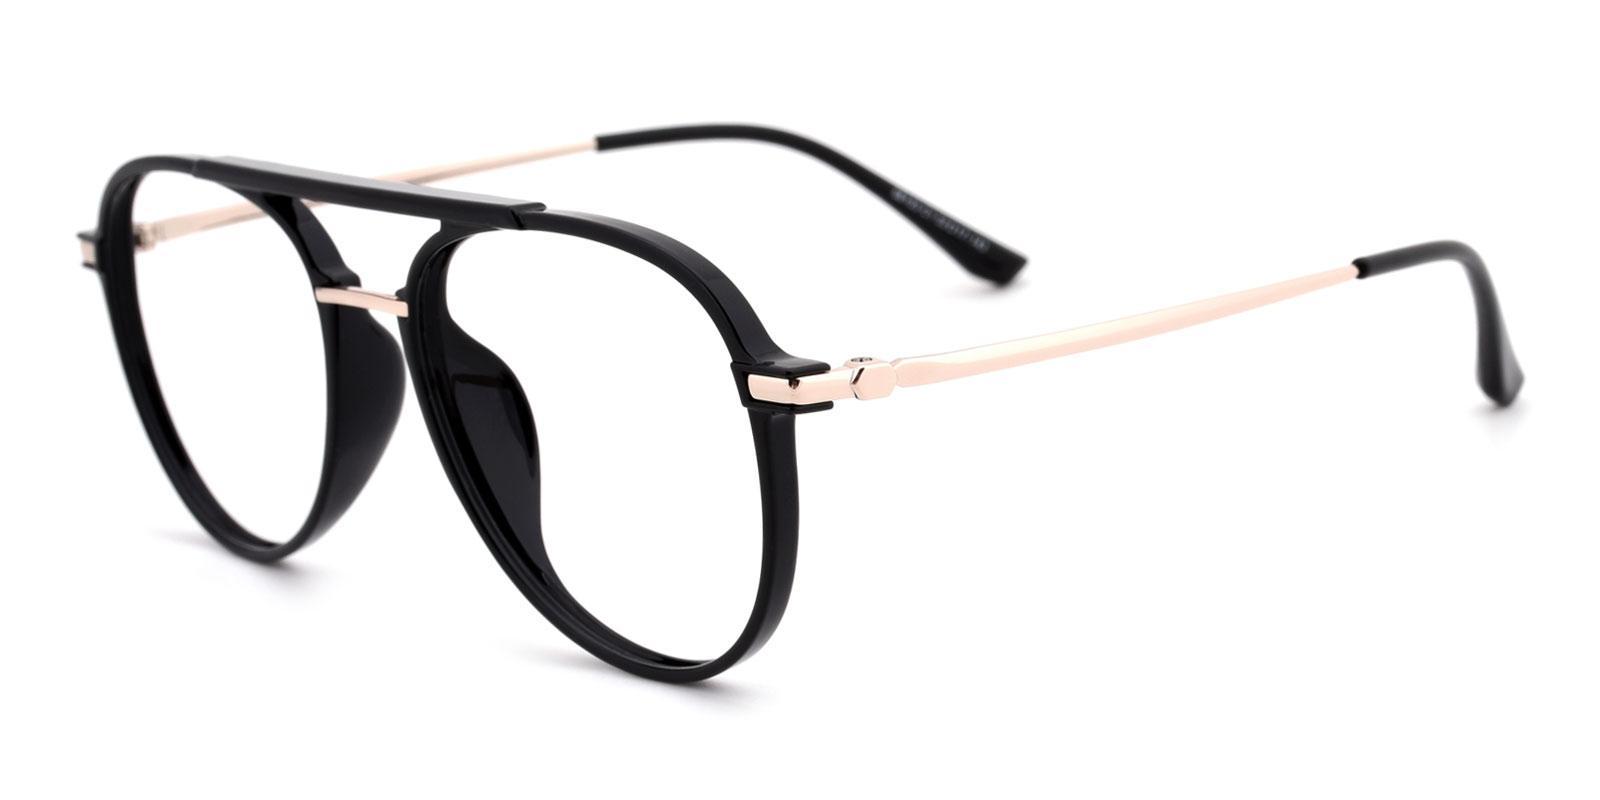 Michelle-Black-Aviator-TR-Eyeglasses-detail